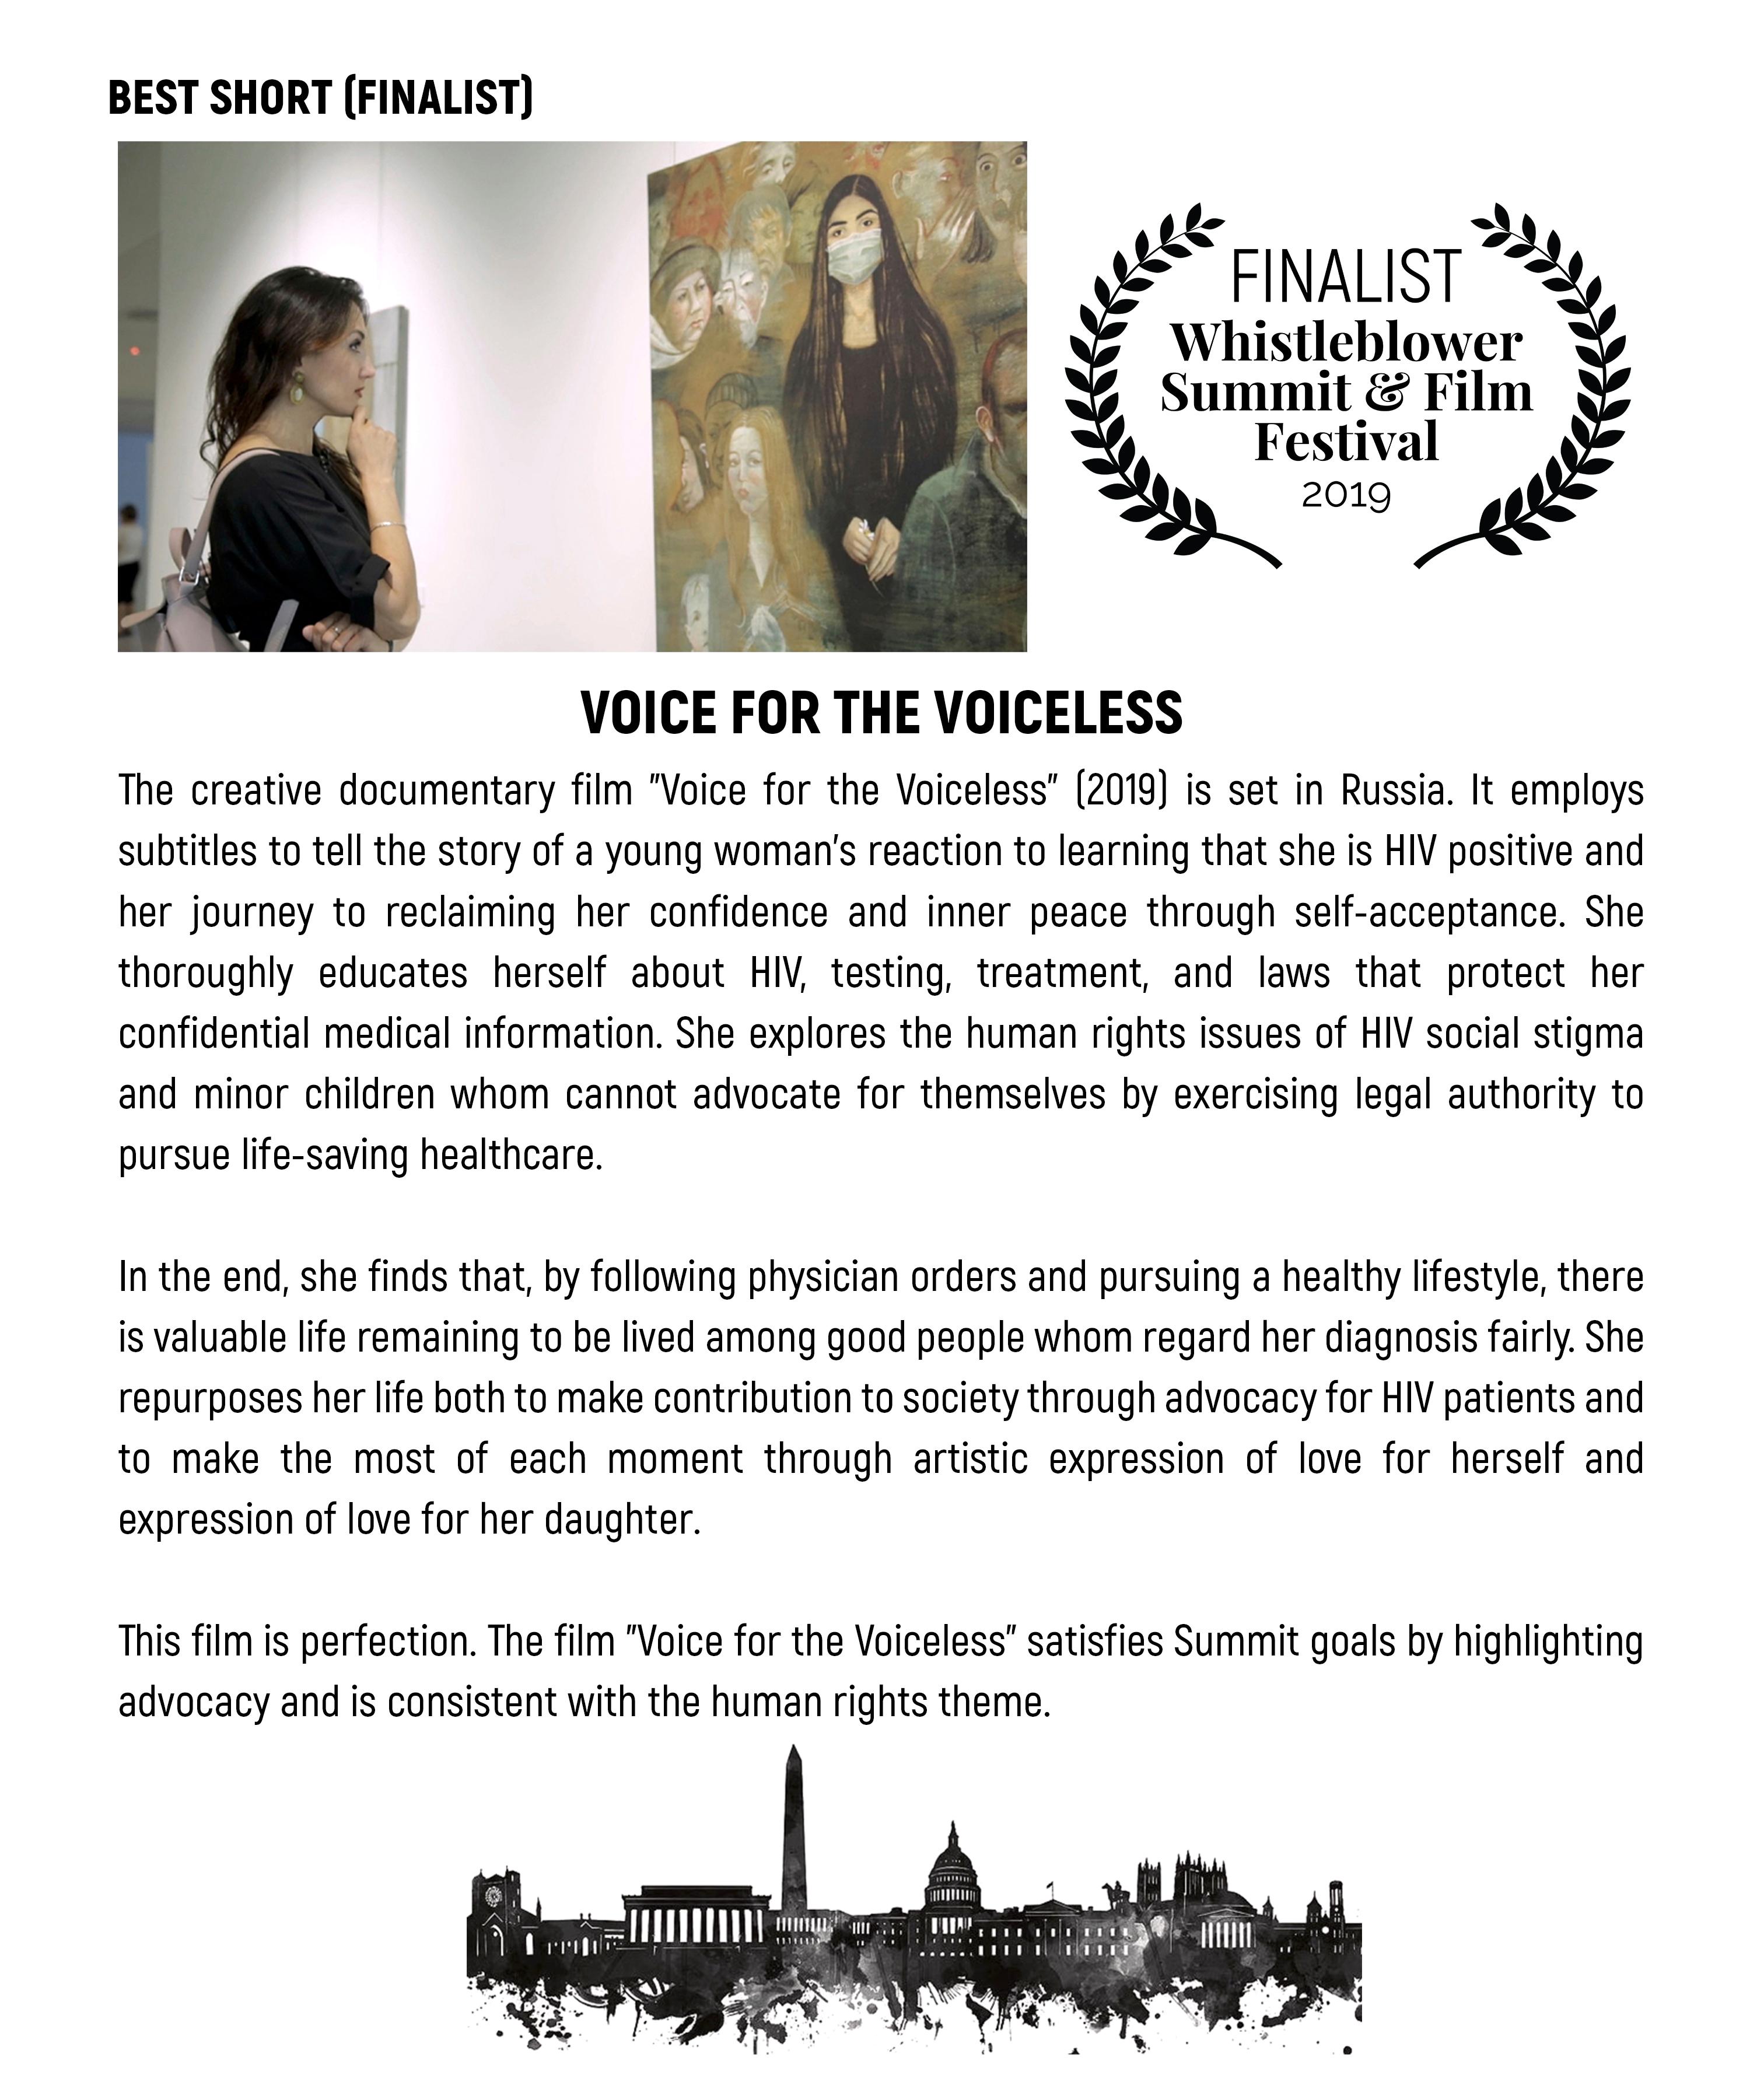 Фильм «Голос за безгласных» (Voice for the Voiceless) стал финалистом Международного кинофестиваля фильмов о правах человека «Whistleblower Summit Film Festival — 2019»